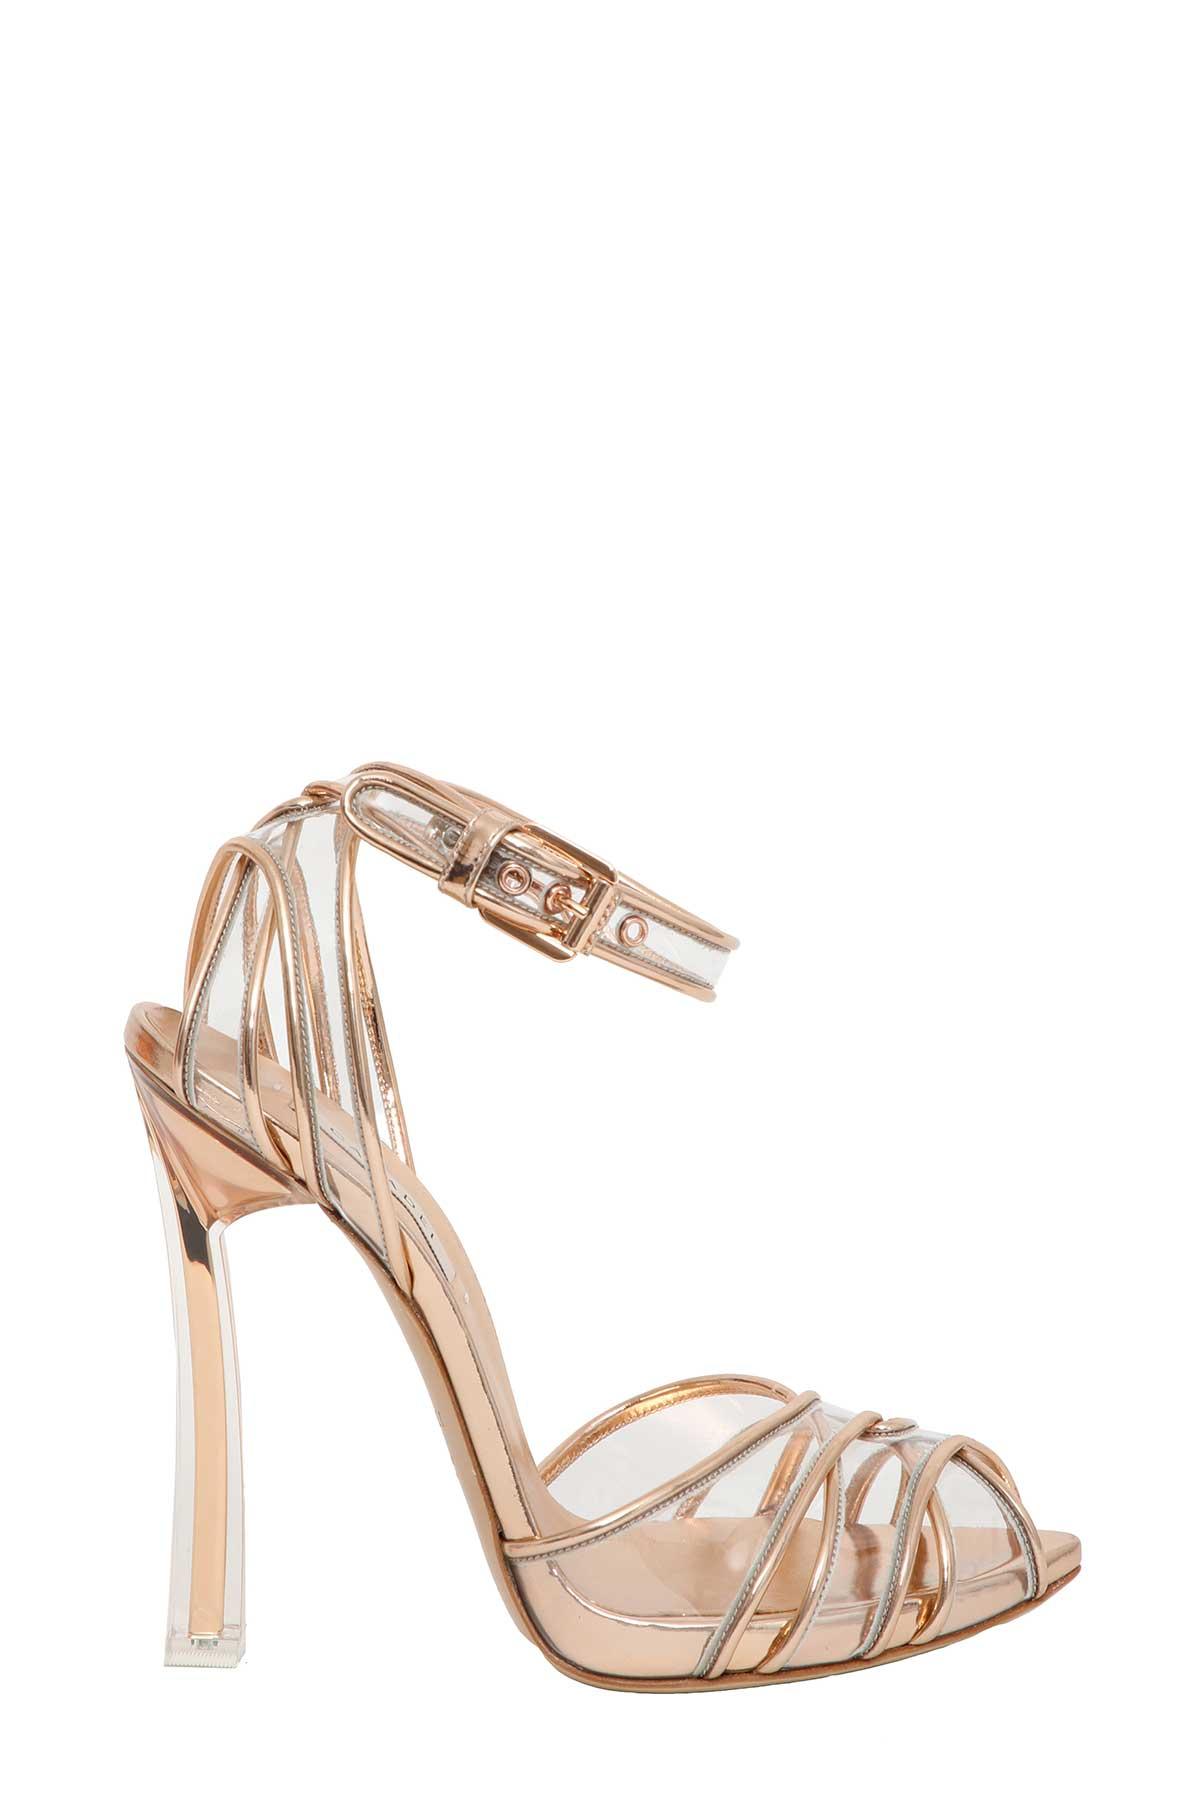 Vinil sandal Casadei MbNQ6bhE3